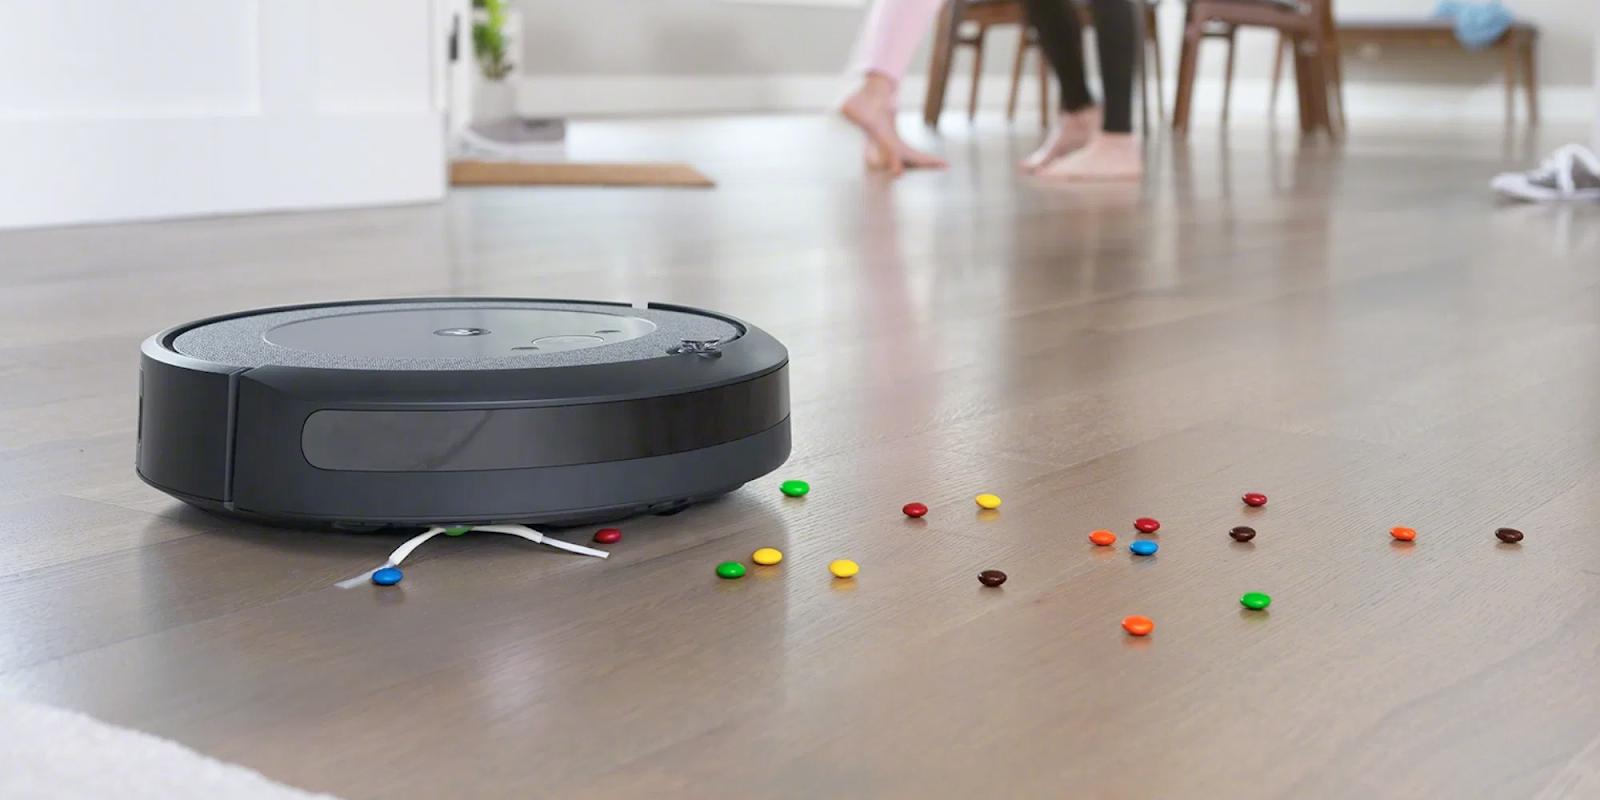 Khi nghe tư vấn mua robot hút bụi mọi người nên lưu ý tới diện tích nhà ở